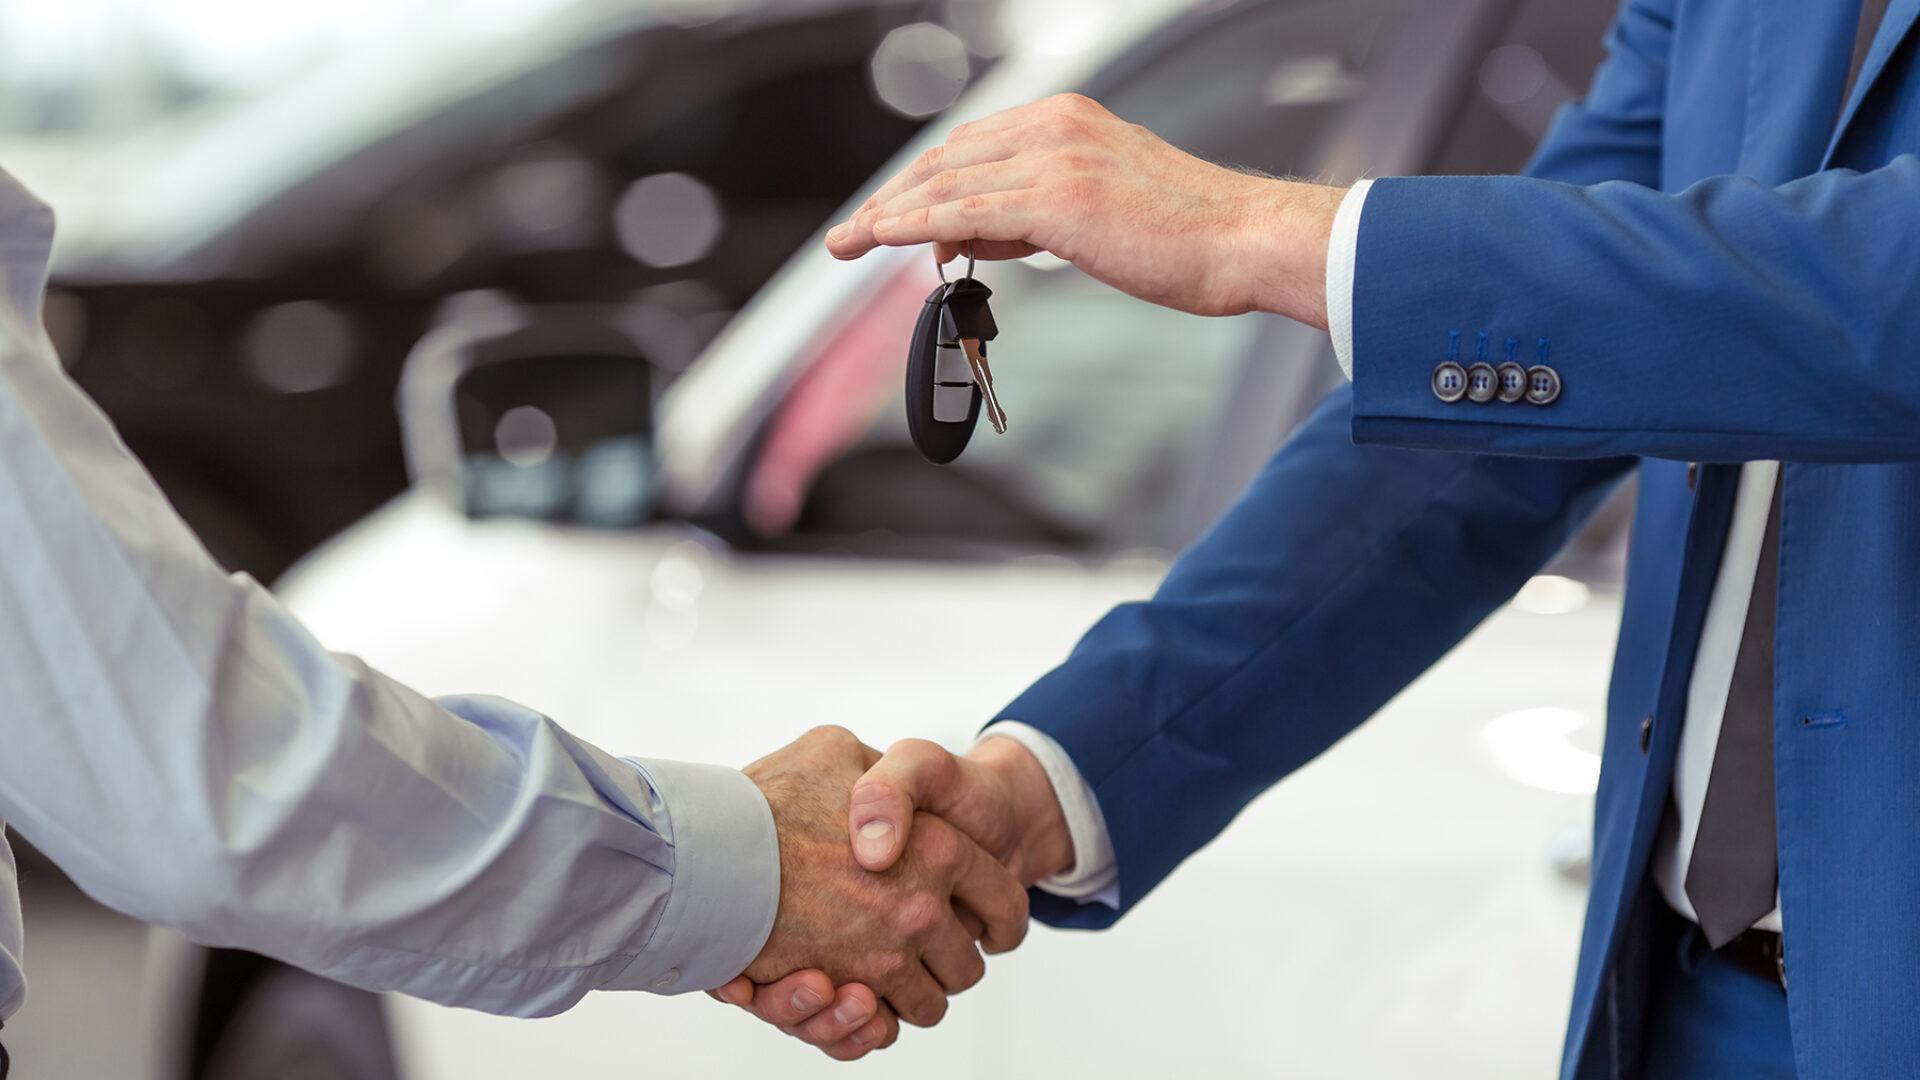 Prodajanje vozila ni tako enostavno, če želite iztržiti nekaj več